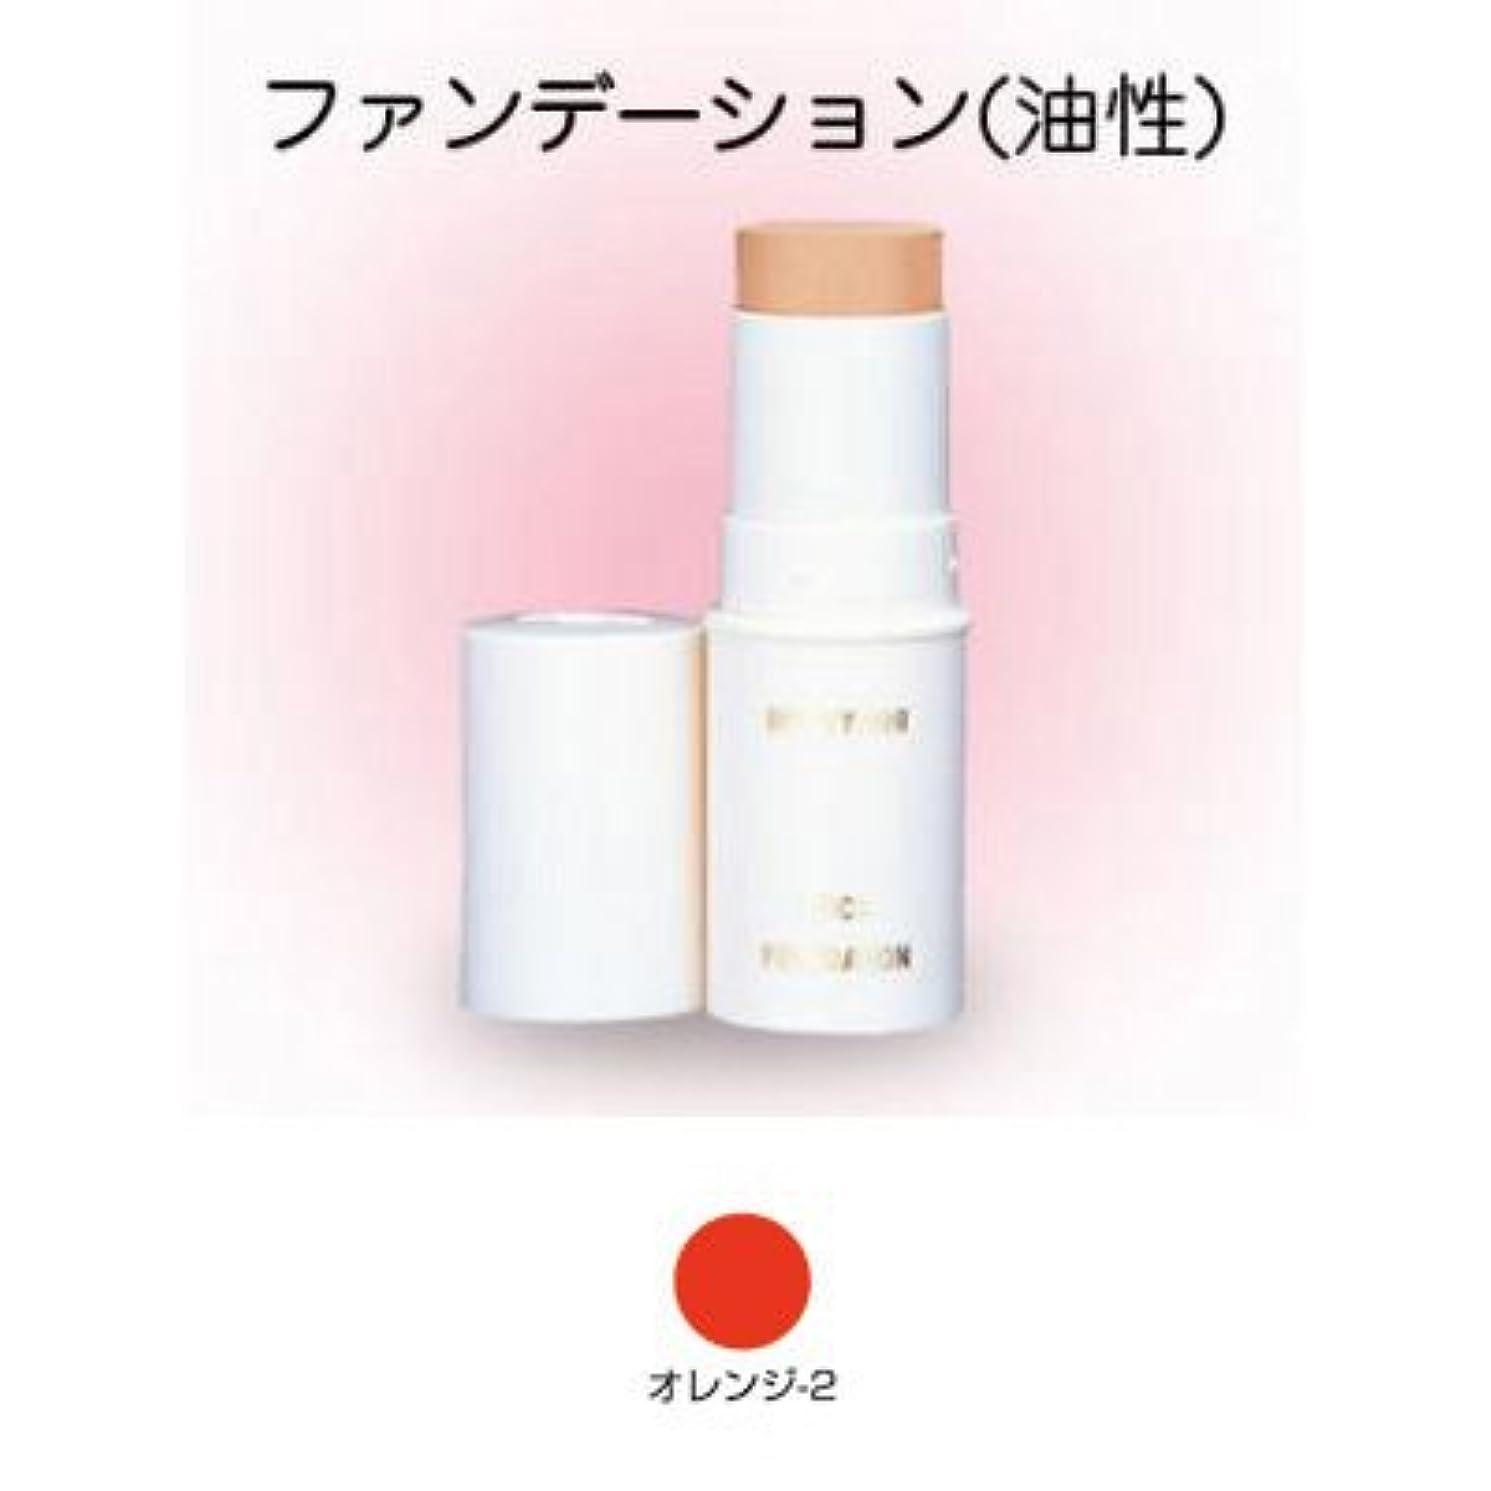 自分流体拾うスティックファンデーション 16g オレンジ-2 【三善】